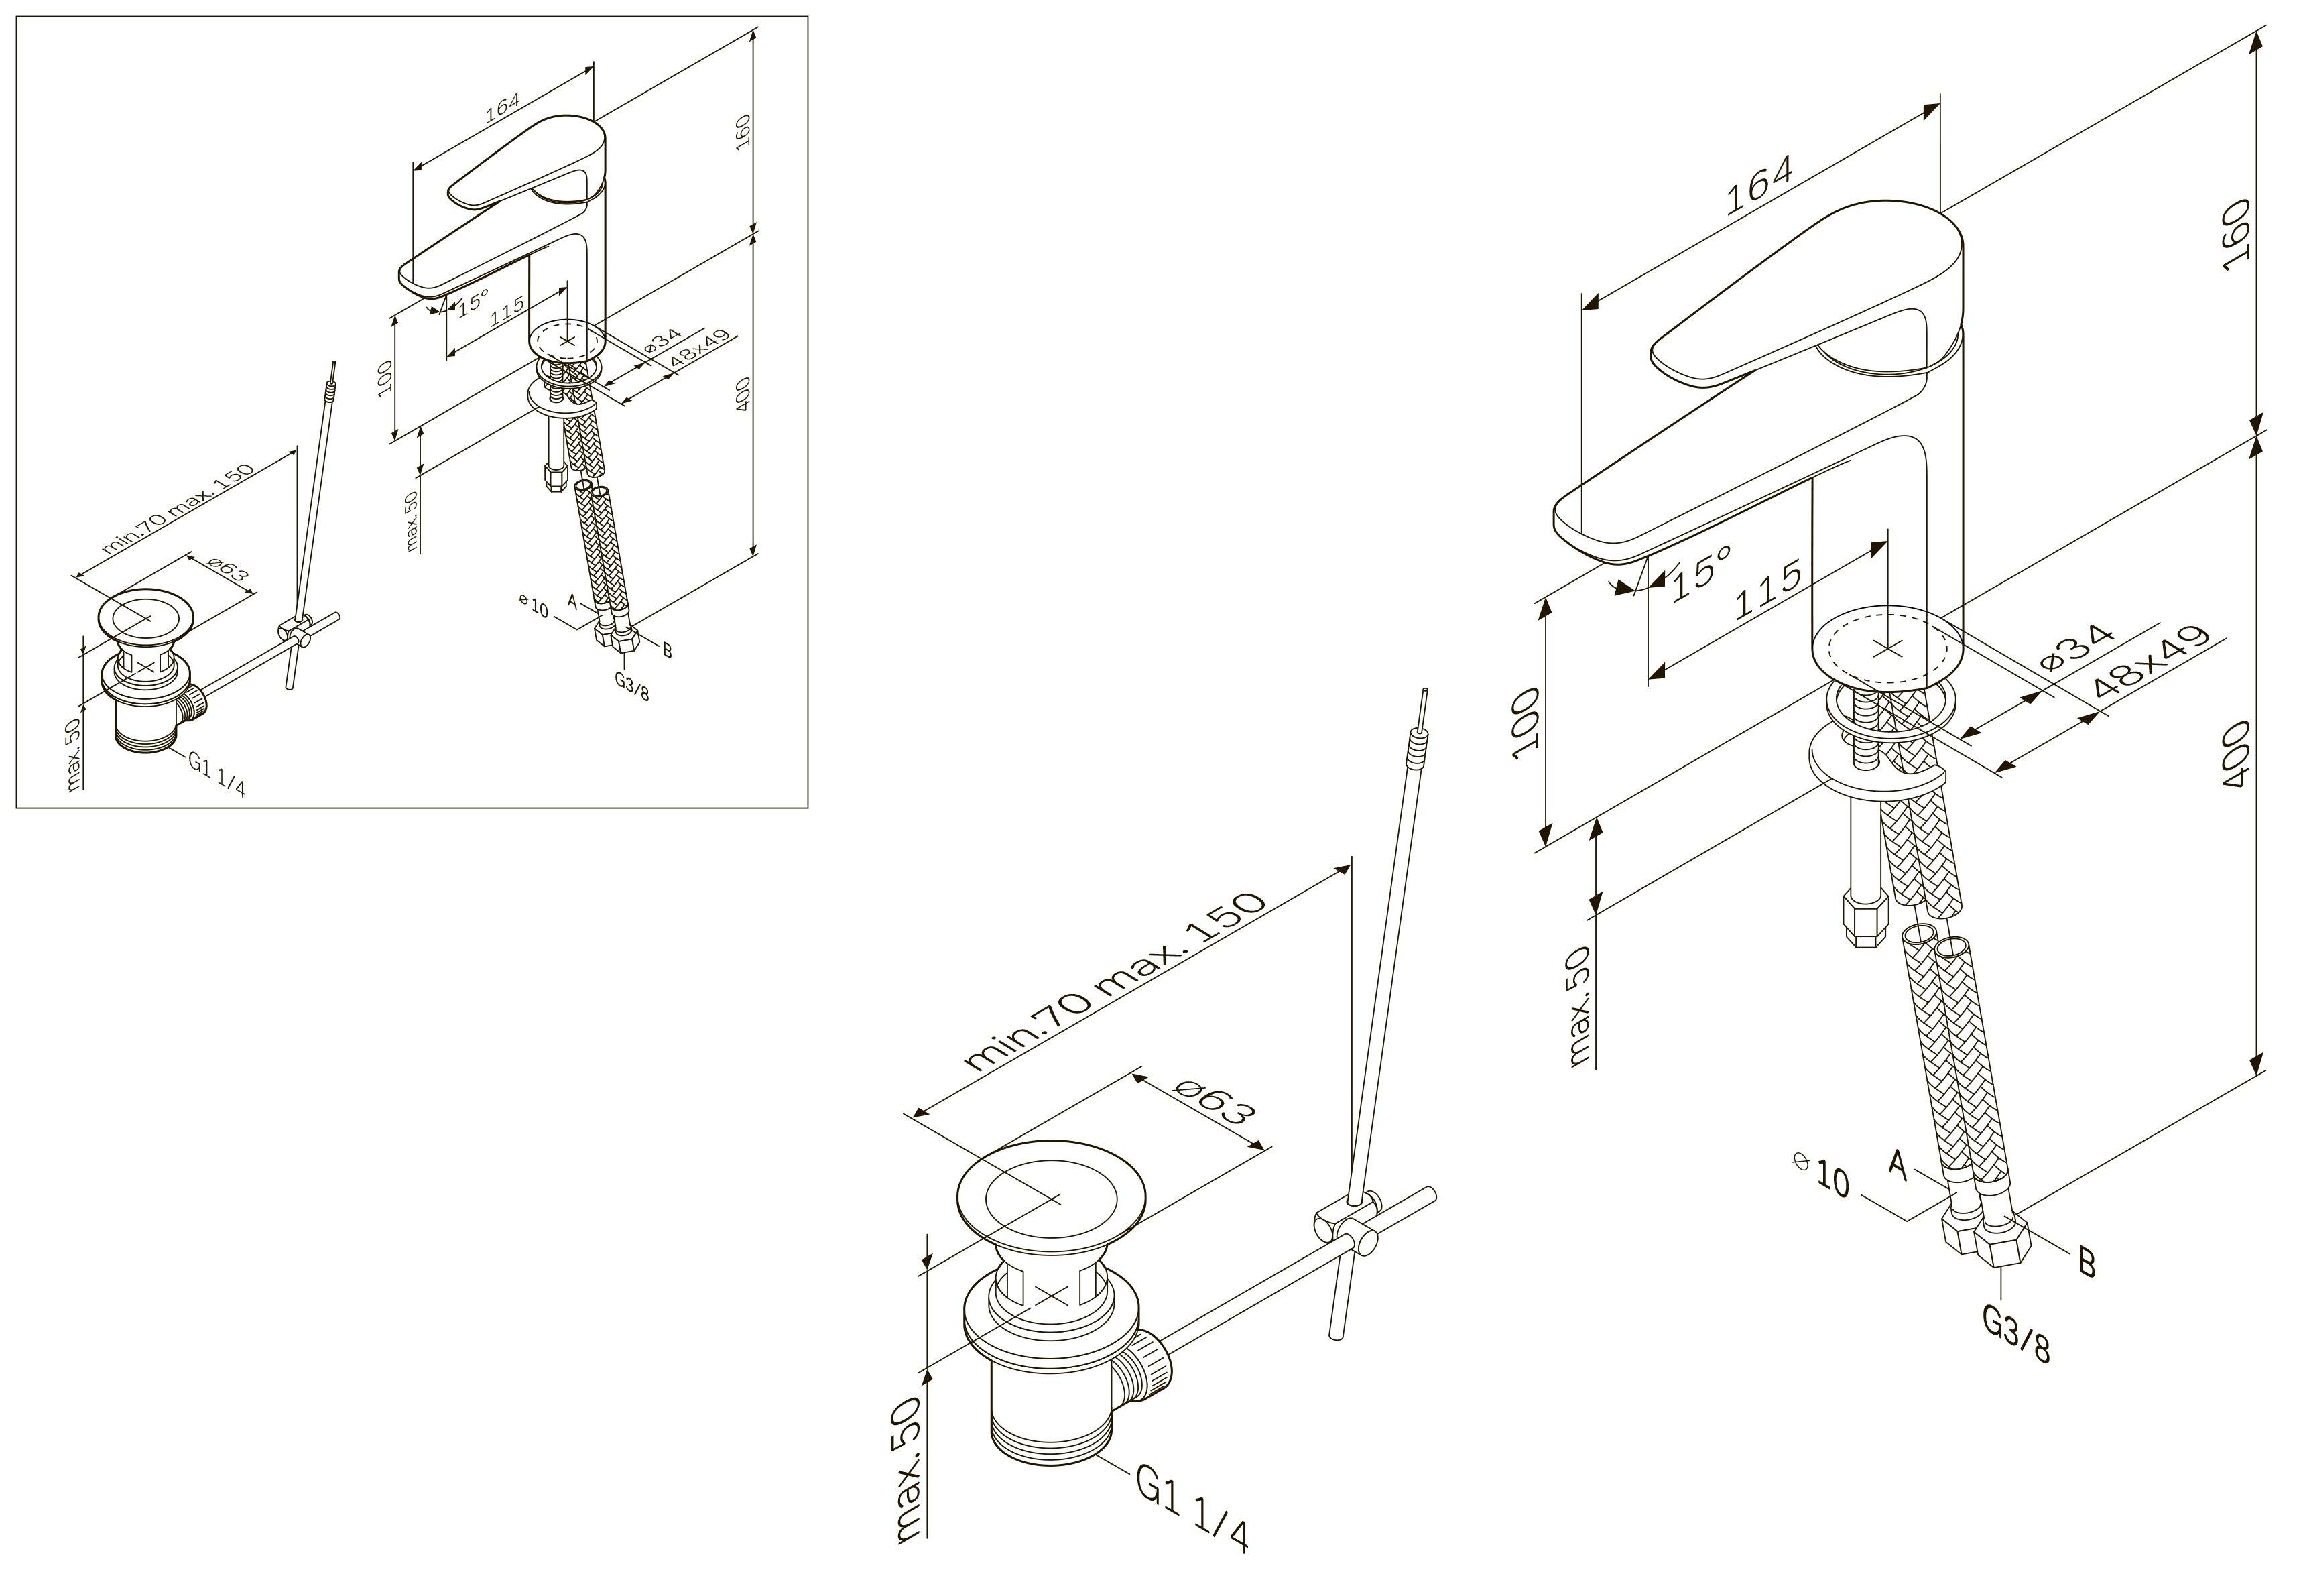 F5004000 Inspire, смеситель д/умывальника с ручн.душем, излив 115 мм, хром, шт